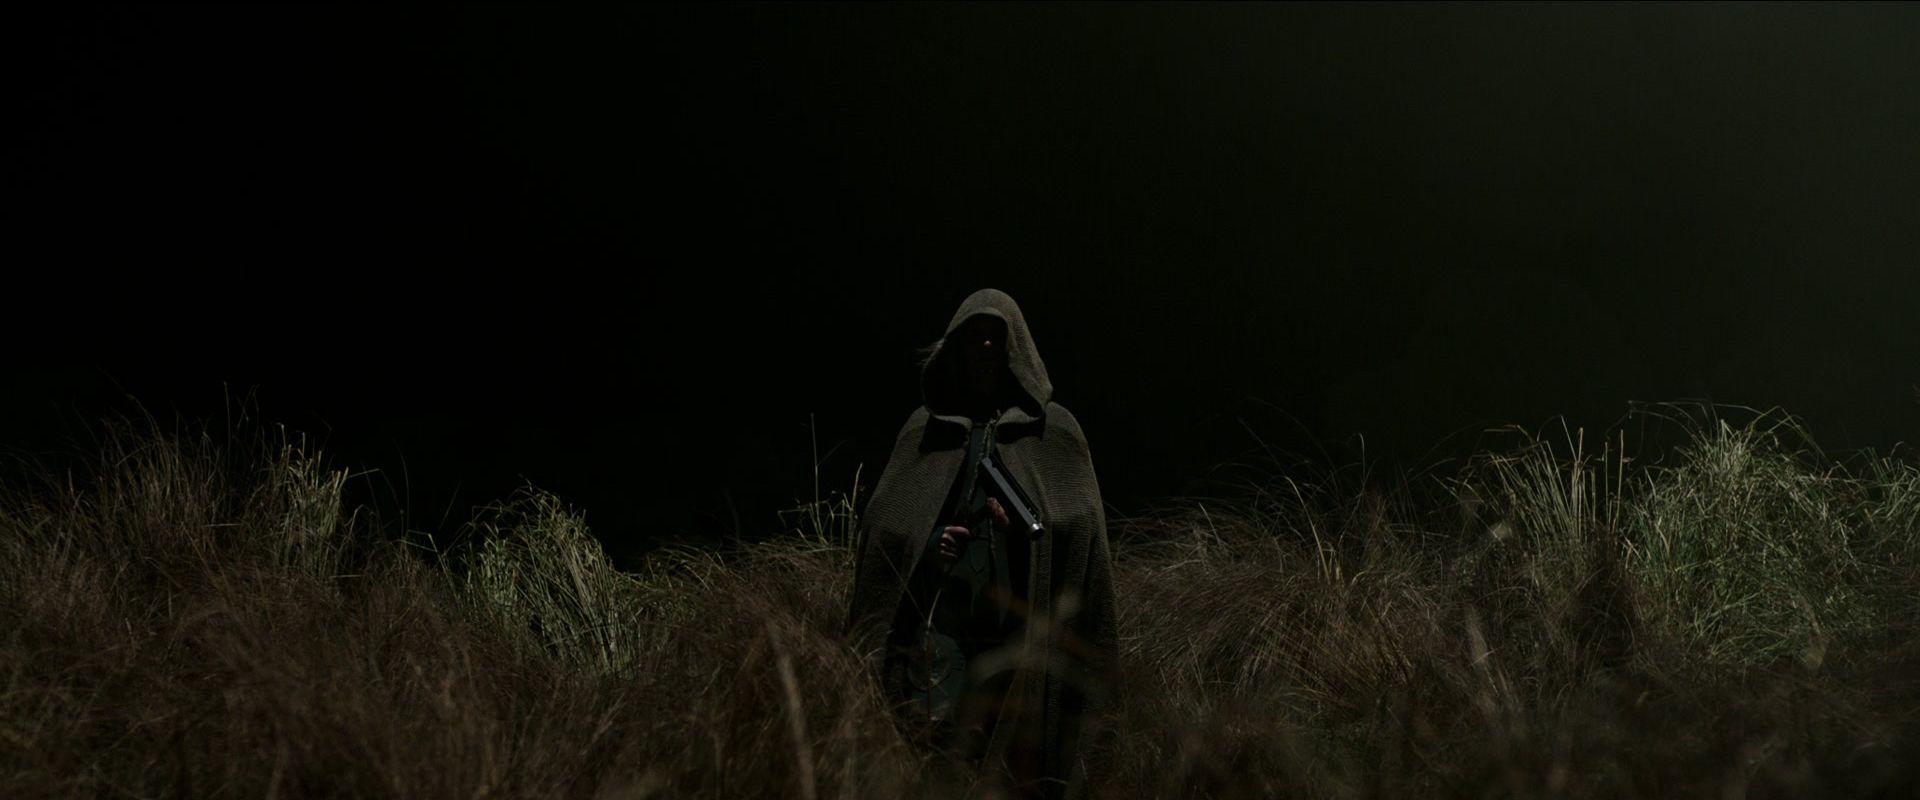 Alien: Covenant Teaser Trailer Breakdown